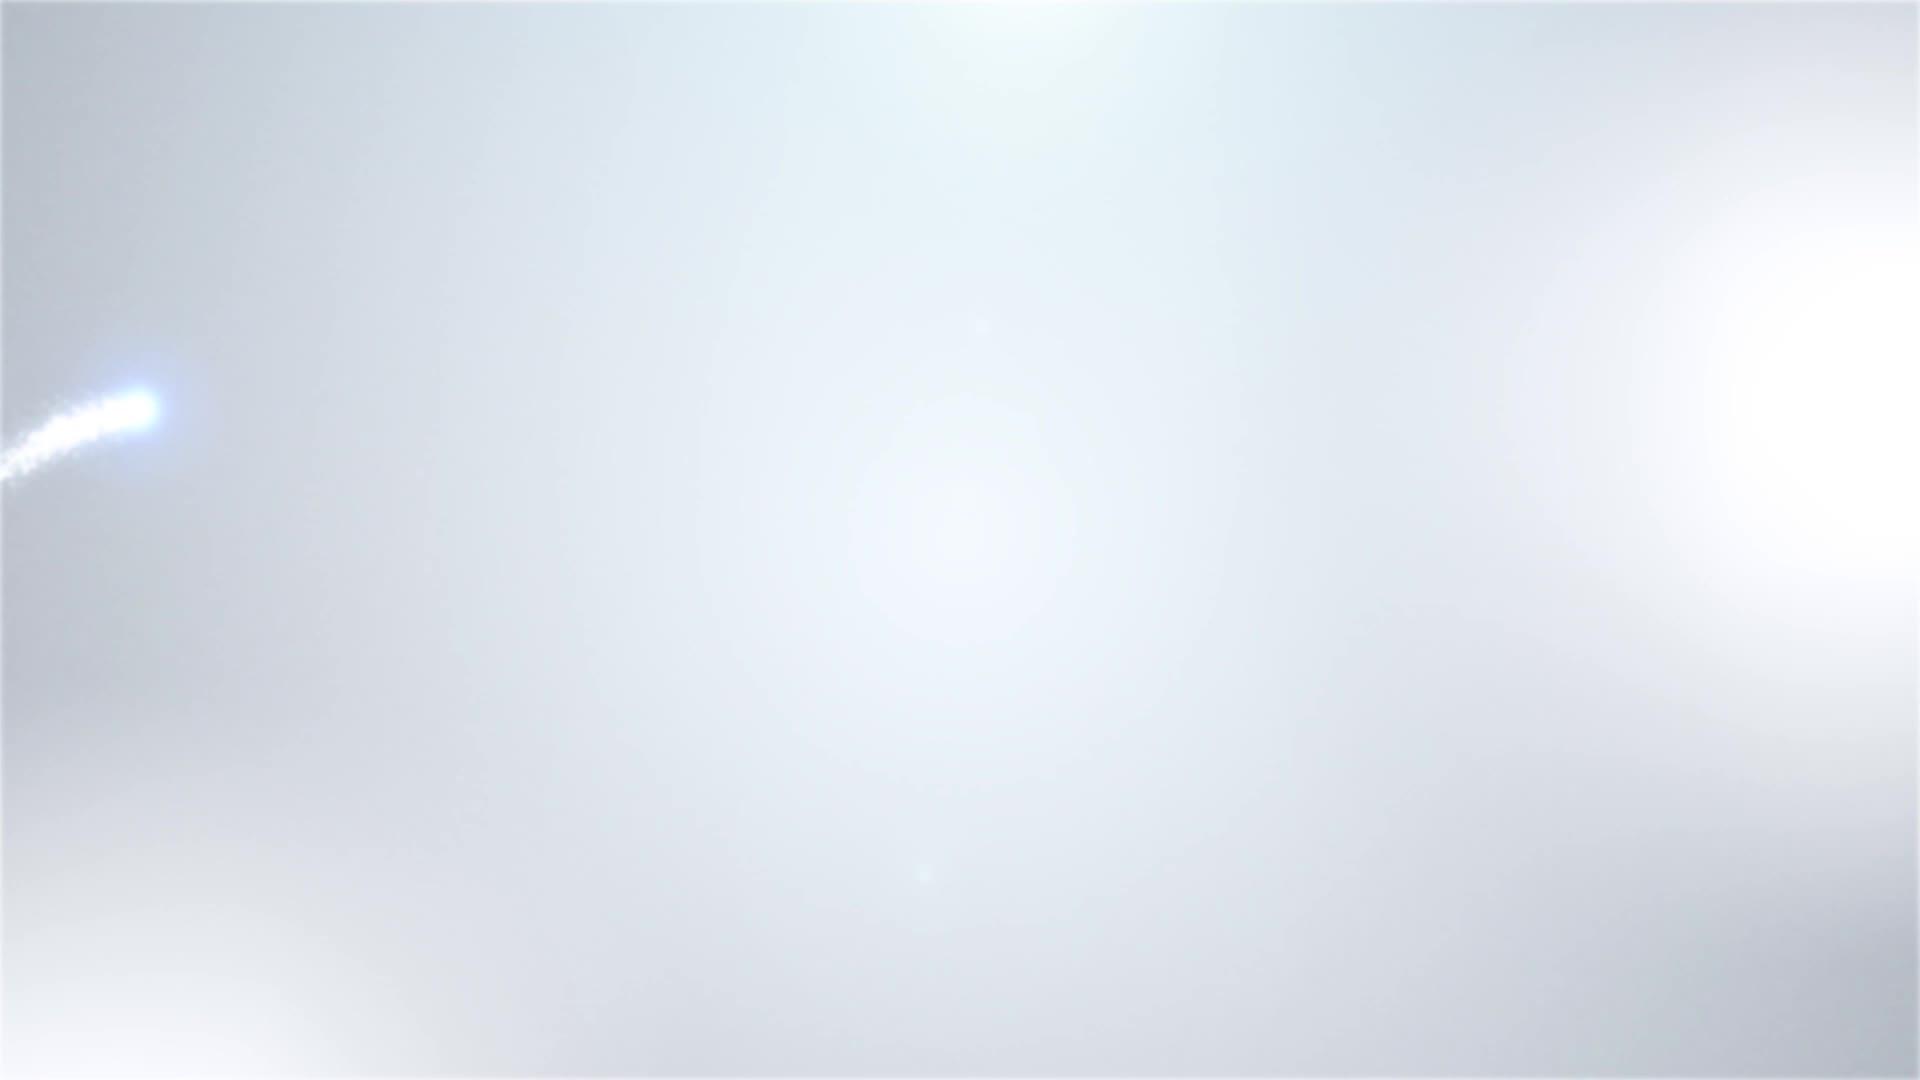 6640 נומקס נייר ופוליאסטר סרט גמיש חומר מרוכב נומקס ארמיד בידוד נייר NMN בידוד רבד נייר